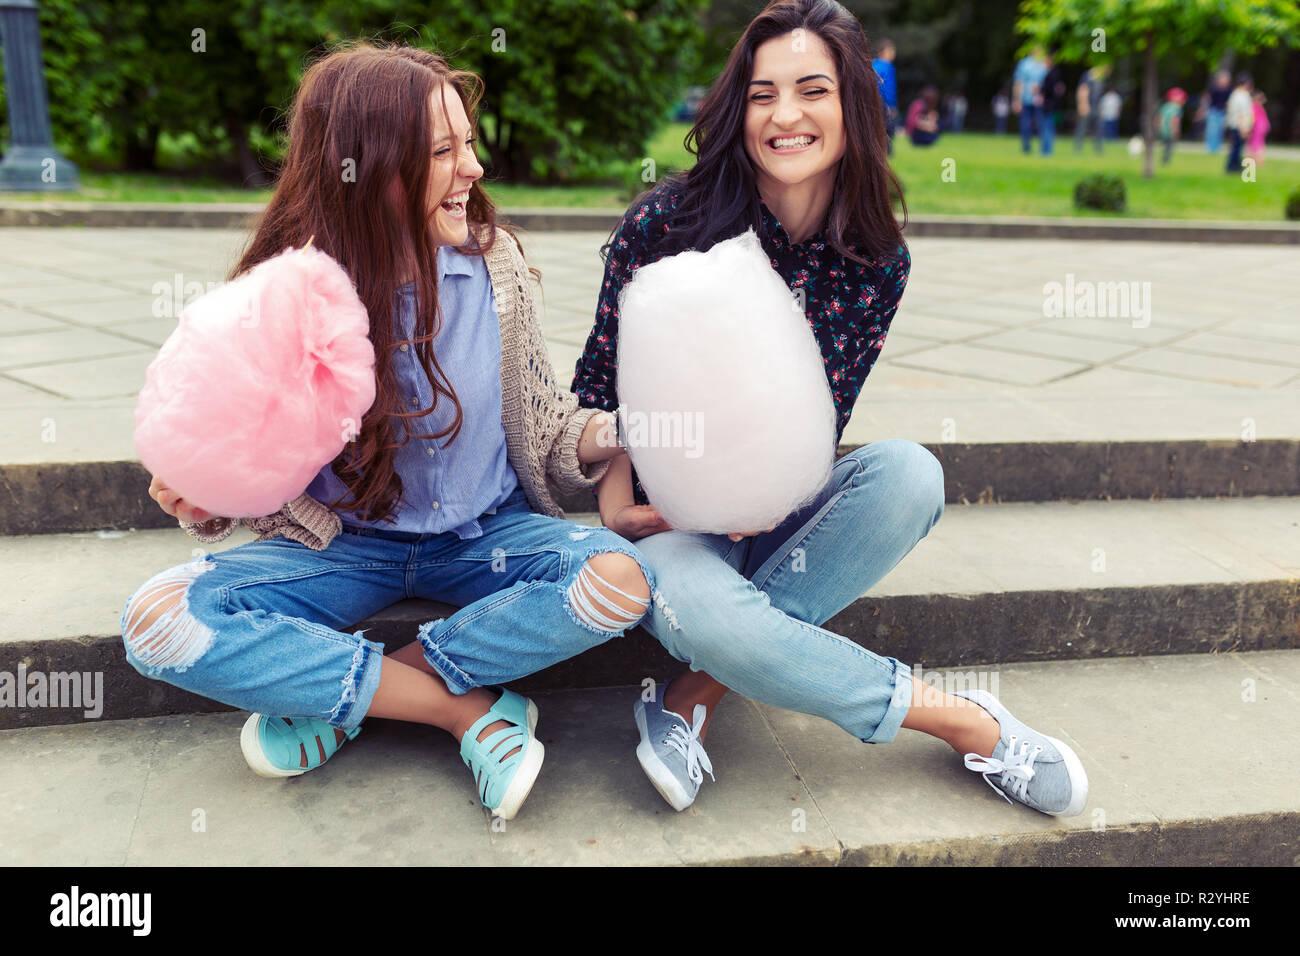 Giovane, allegro ragazze divertirsi con cotone candy all'aperto sul fondo urbano. Due sorelle facendo facce buffe e baffi durante la riproduzione e il mangiare Immagini Stock